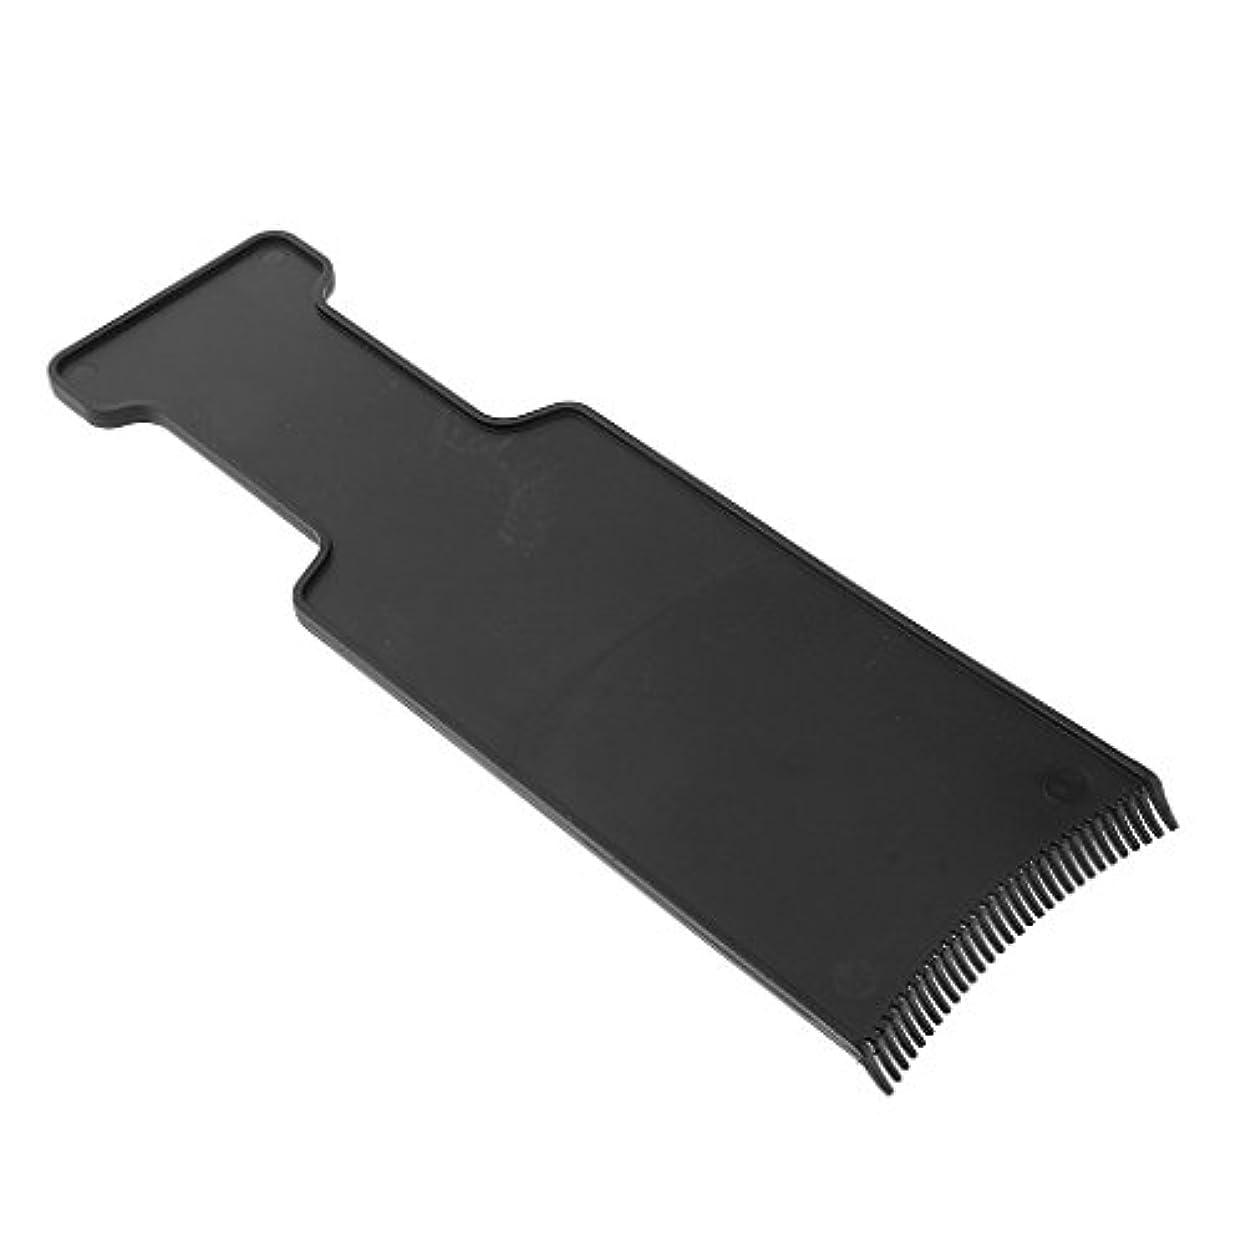 岸あたたかい人気Kesoto サロン ヘアカラー ボード ヘアカラーティント 美容 ヘア ツール 髪 保護 ブラック 全4サイズ - M